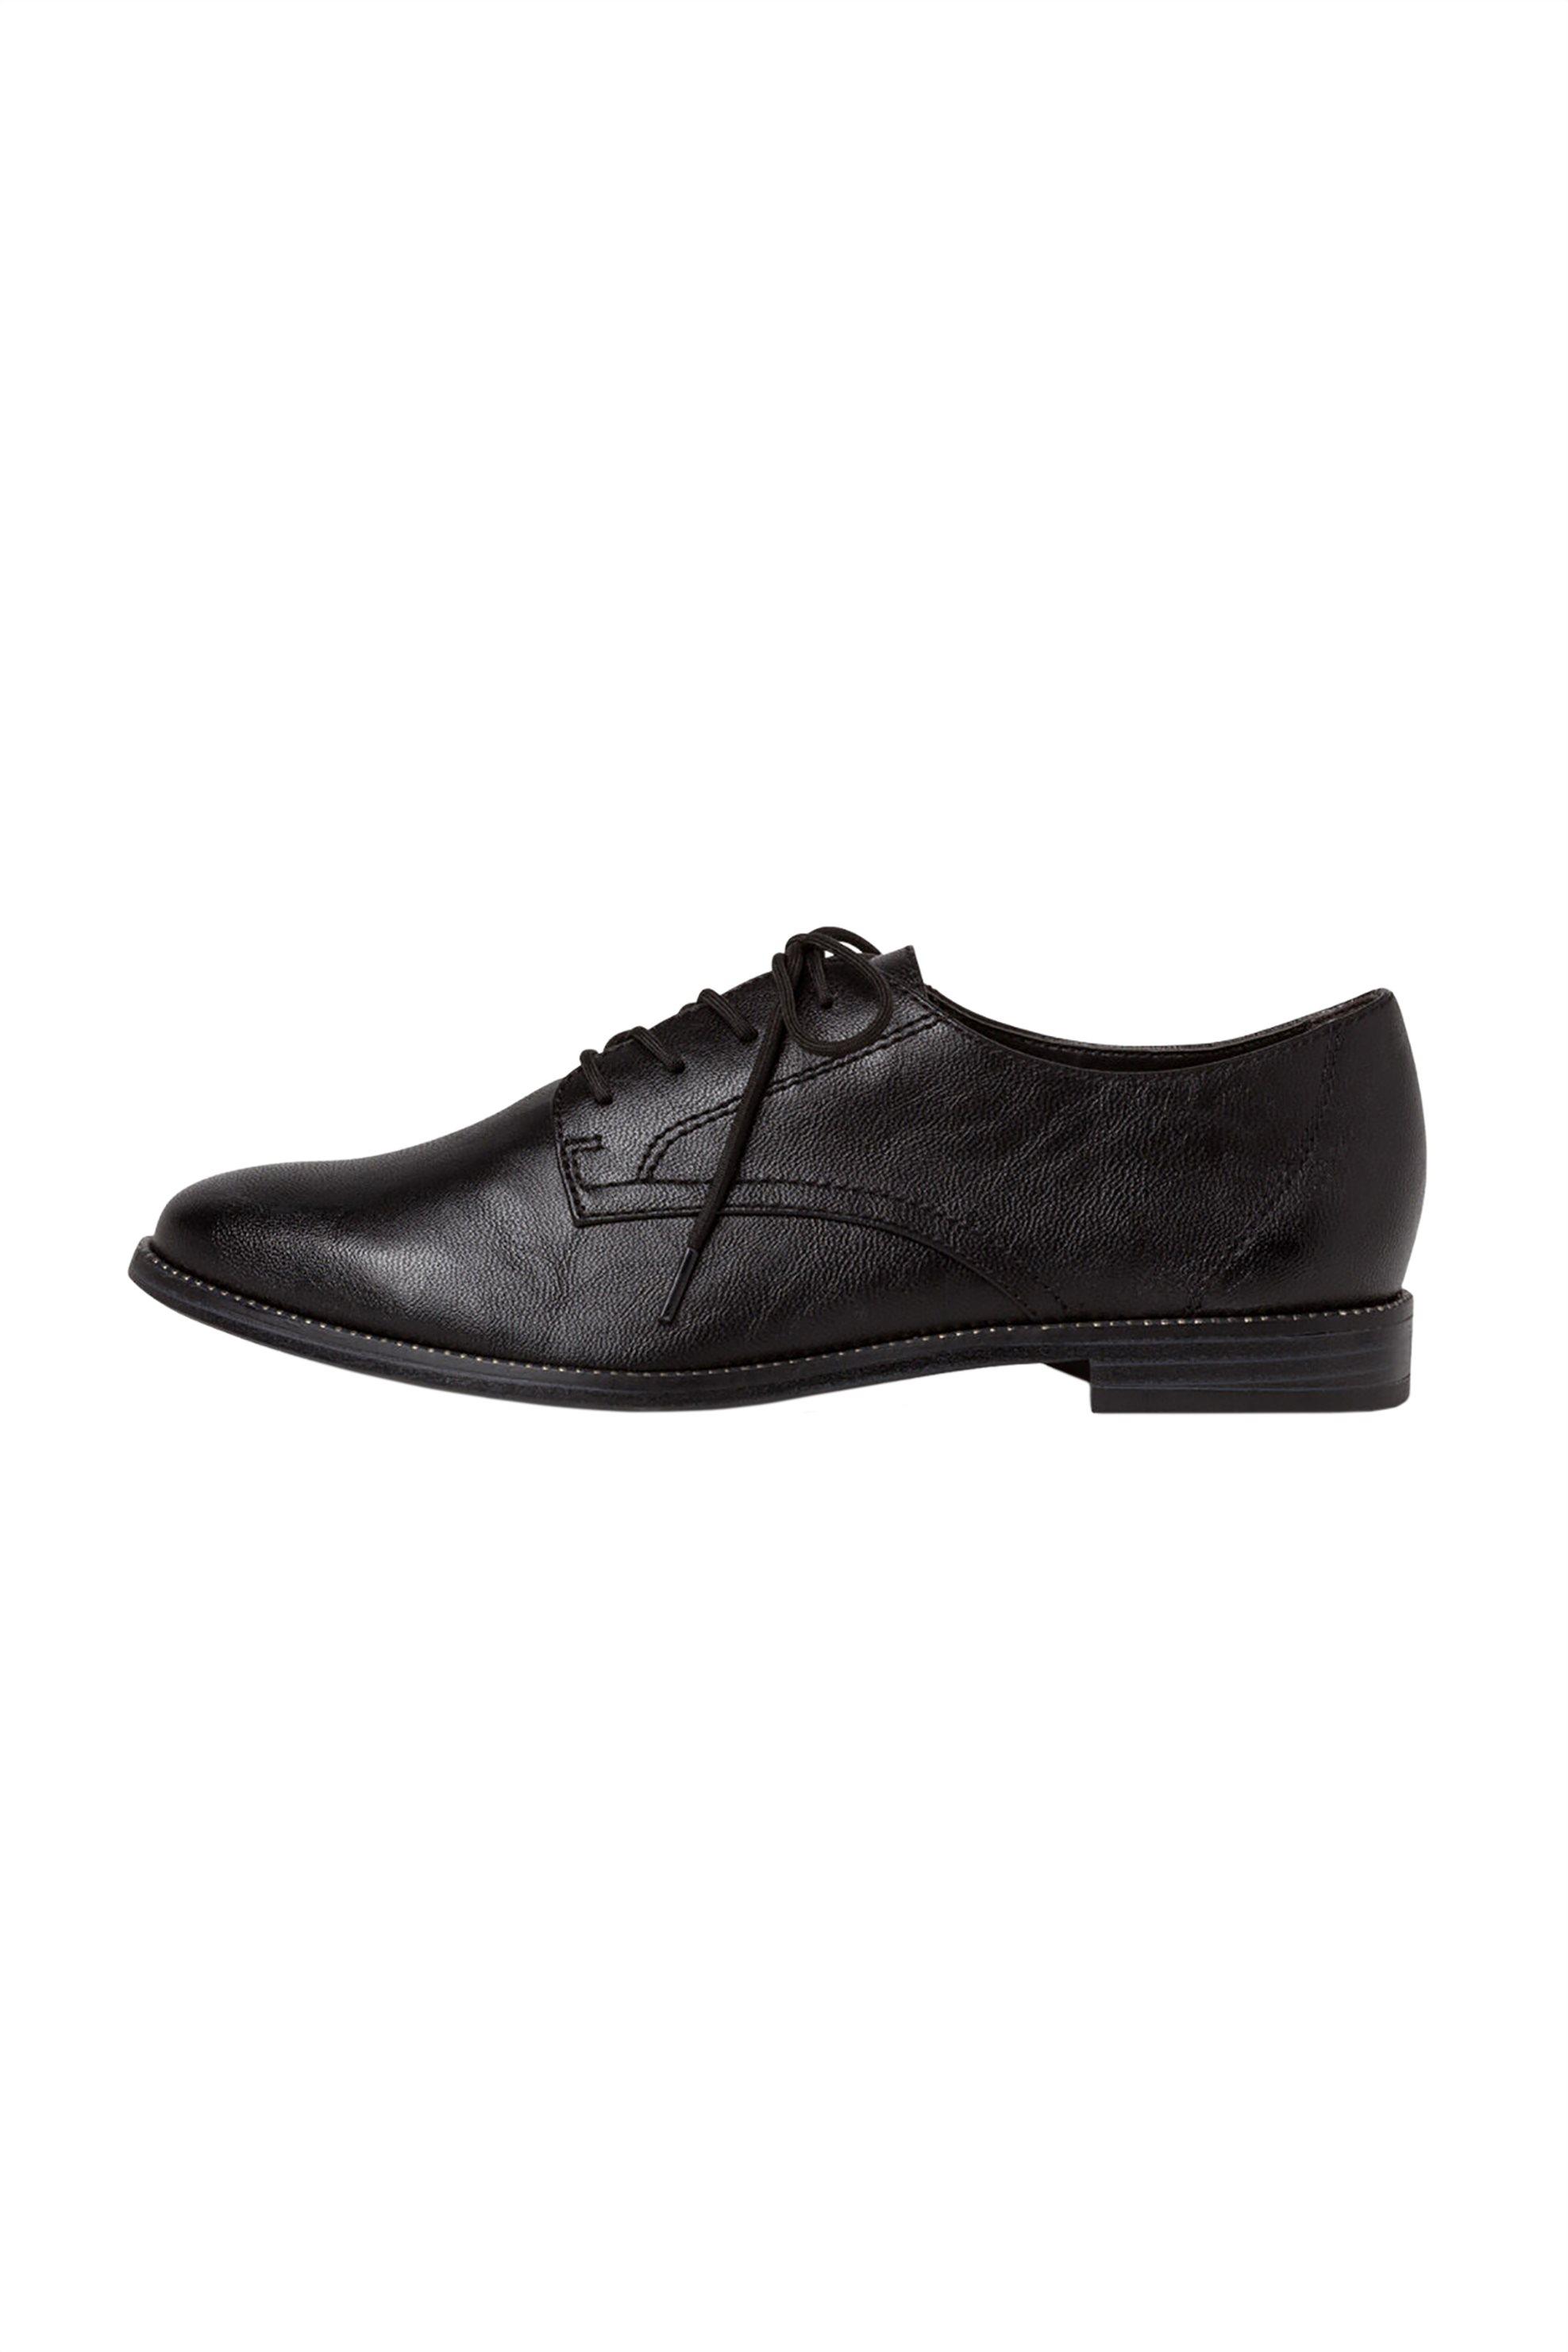 Tamaris γυναικεία παπούτσια oxford με κορδόνια – 1-1-23203-25 – Μαύρο